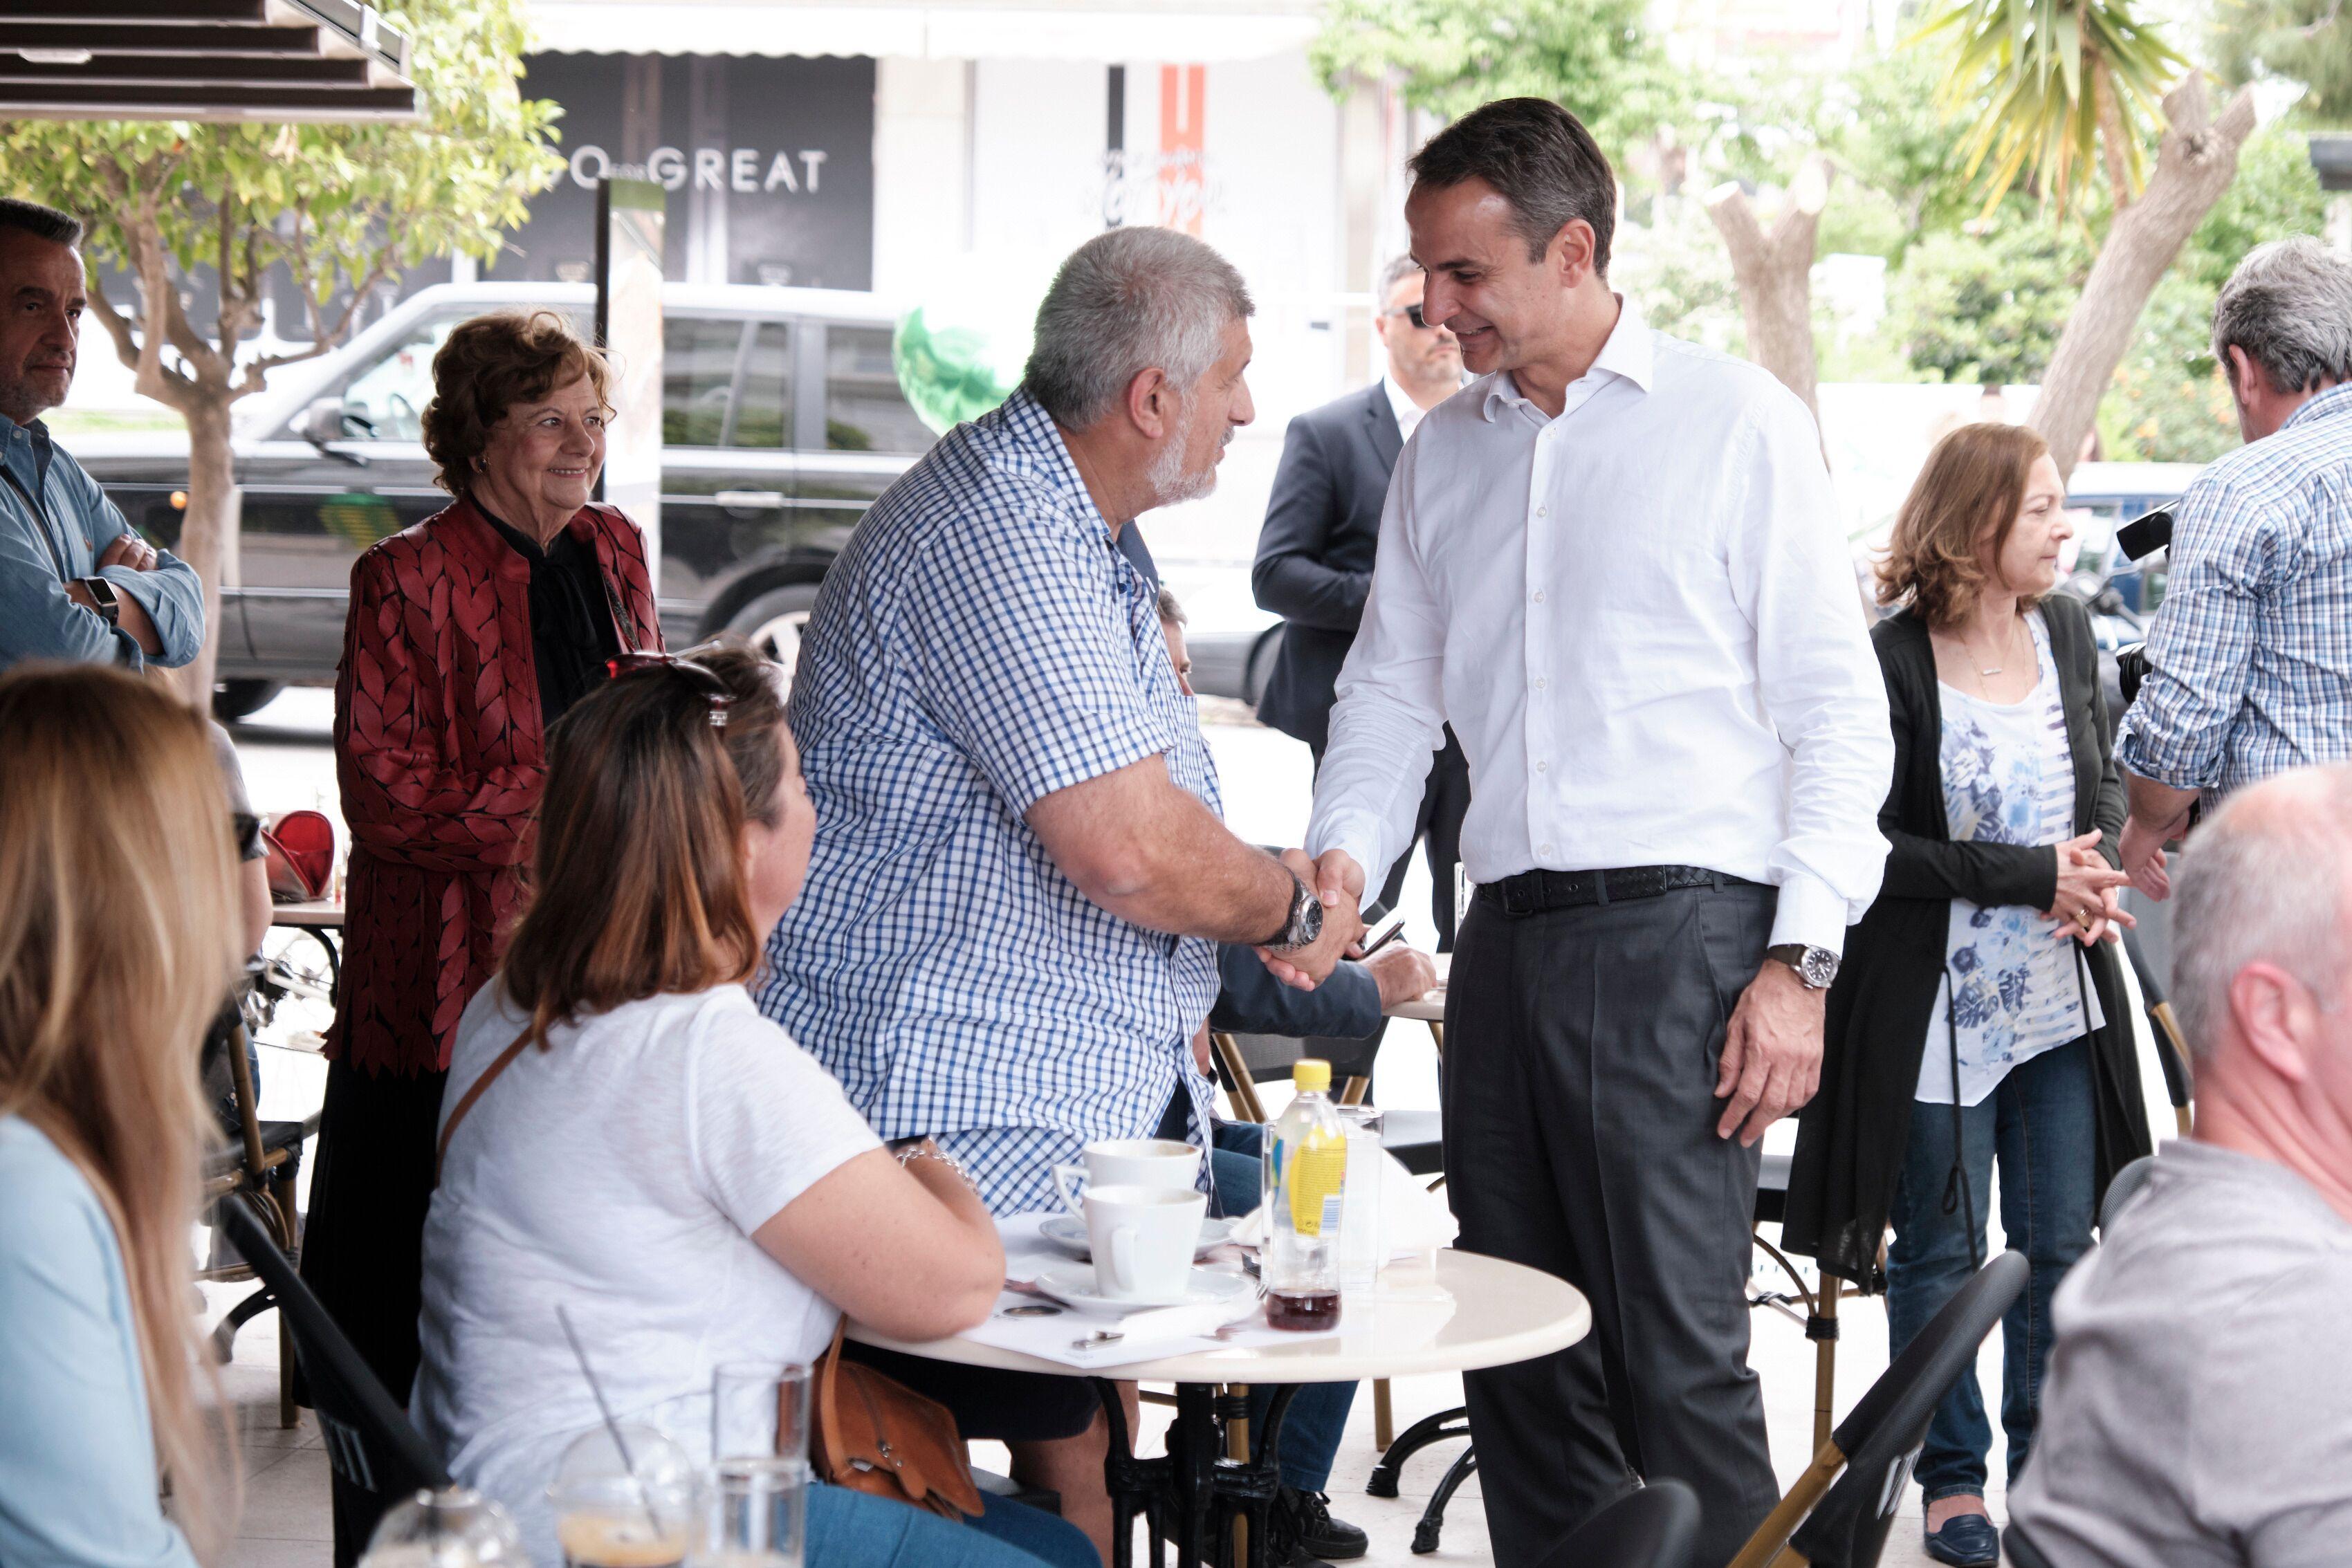 Μητσοτάκης: Ευθύνη μου να ενώσω τον ελληνικό λαό, όχι να τον διχάσω